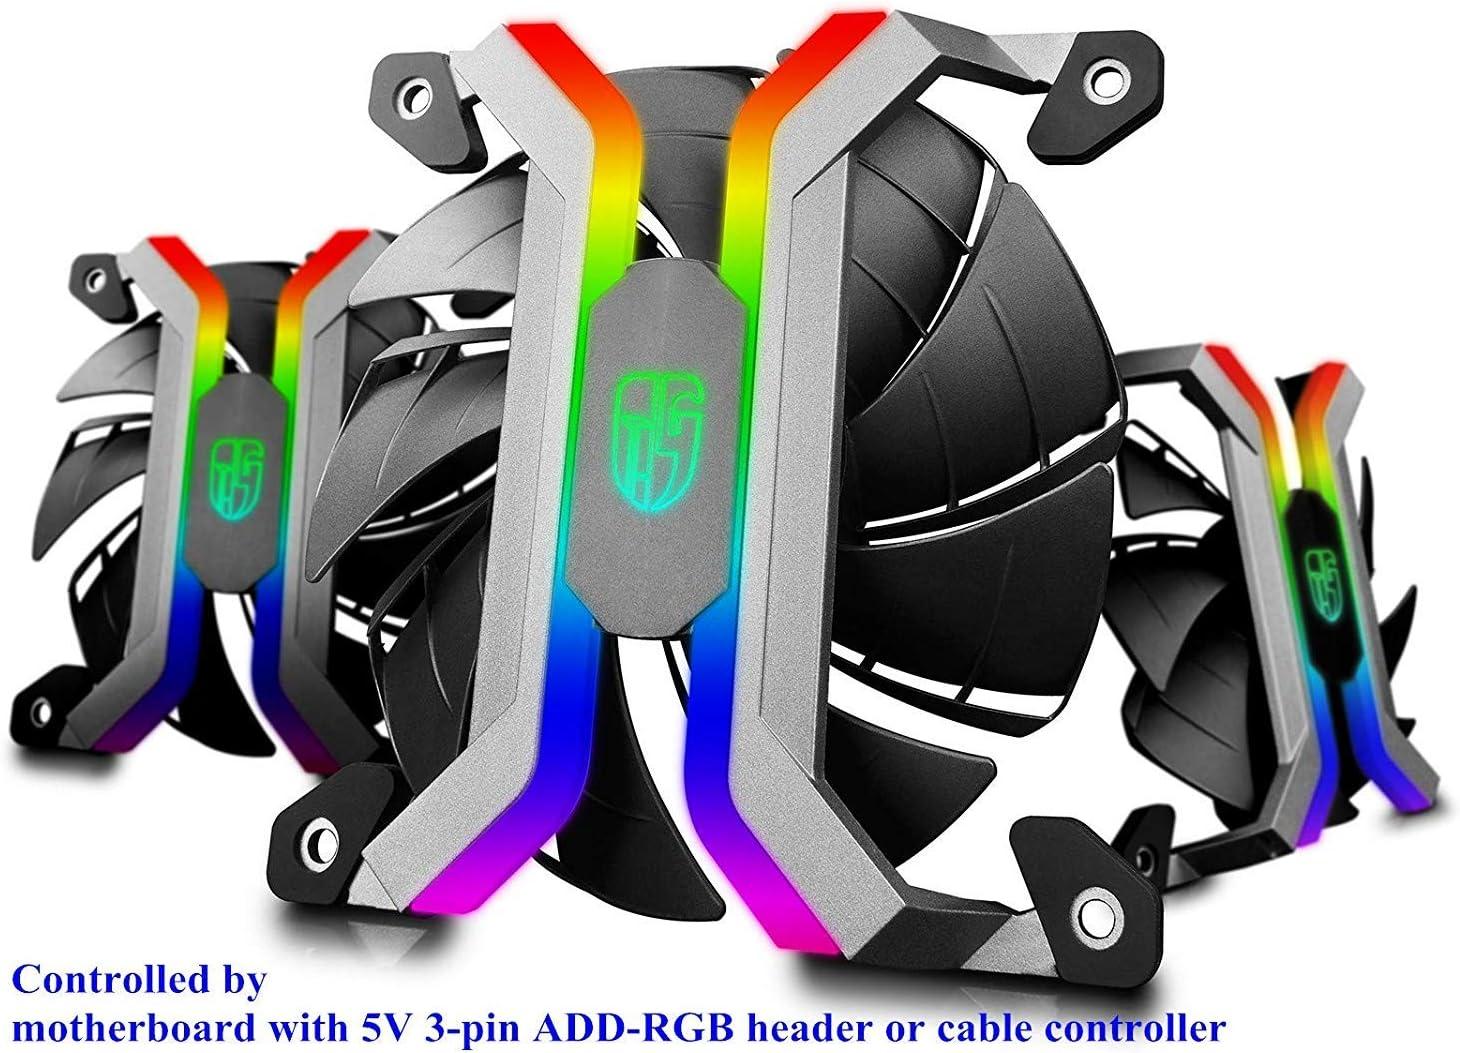 DEEP COOL MF120S 3x120mm PWM Ventiladores de Caja/Radiador, RGB ...